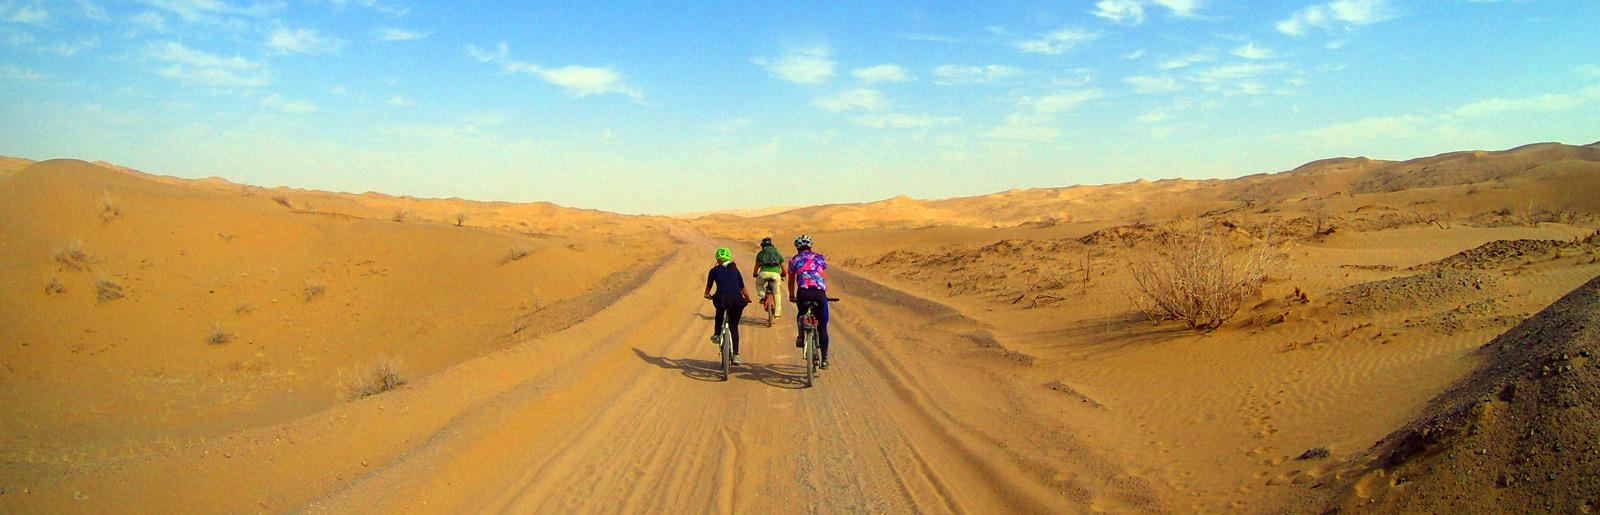 Maranjab desert Biking Tour